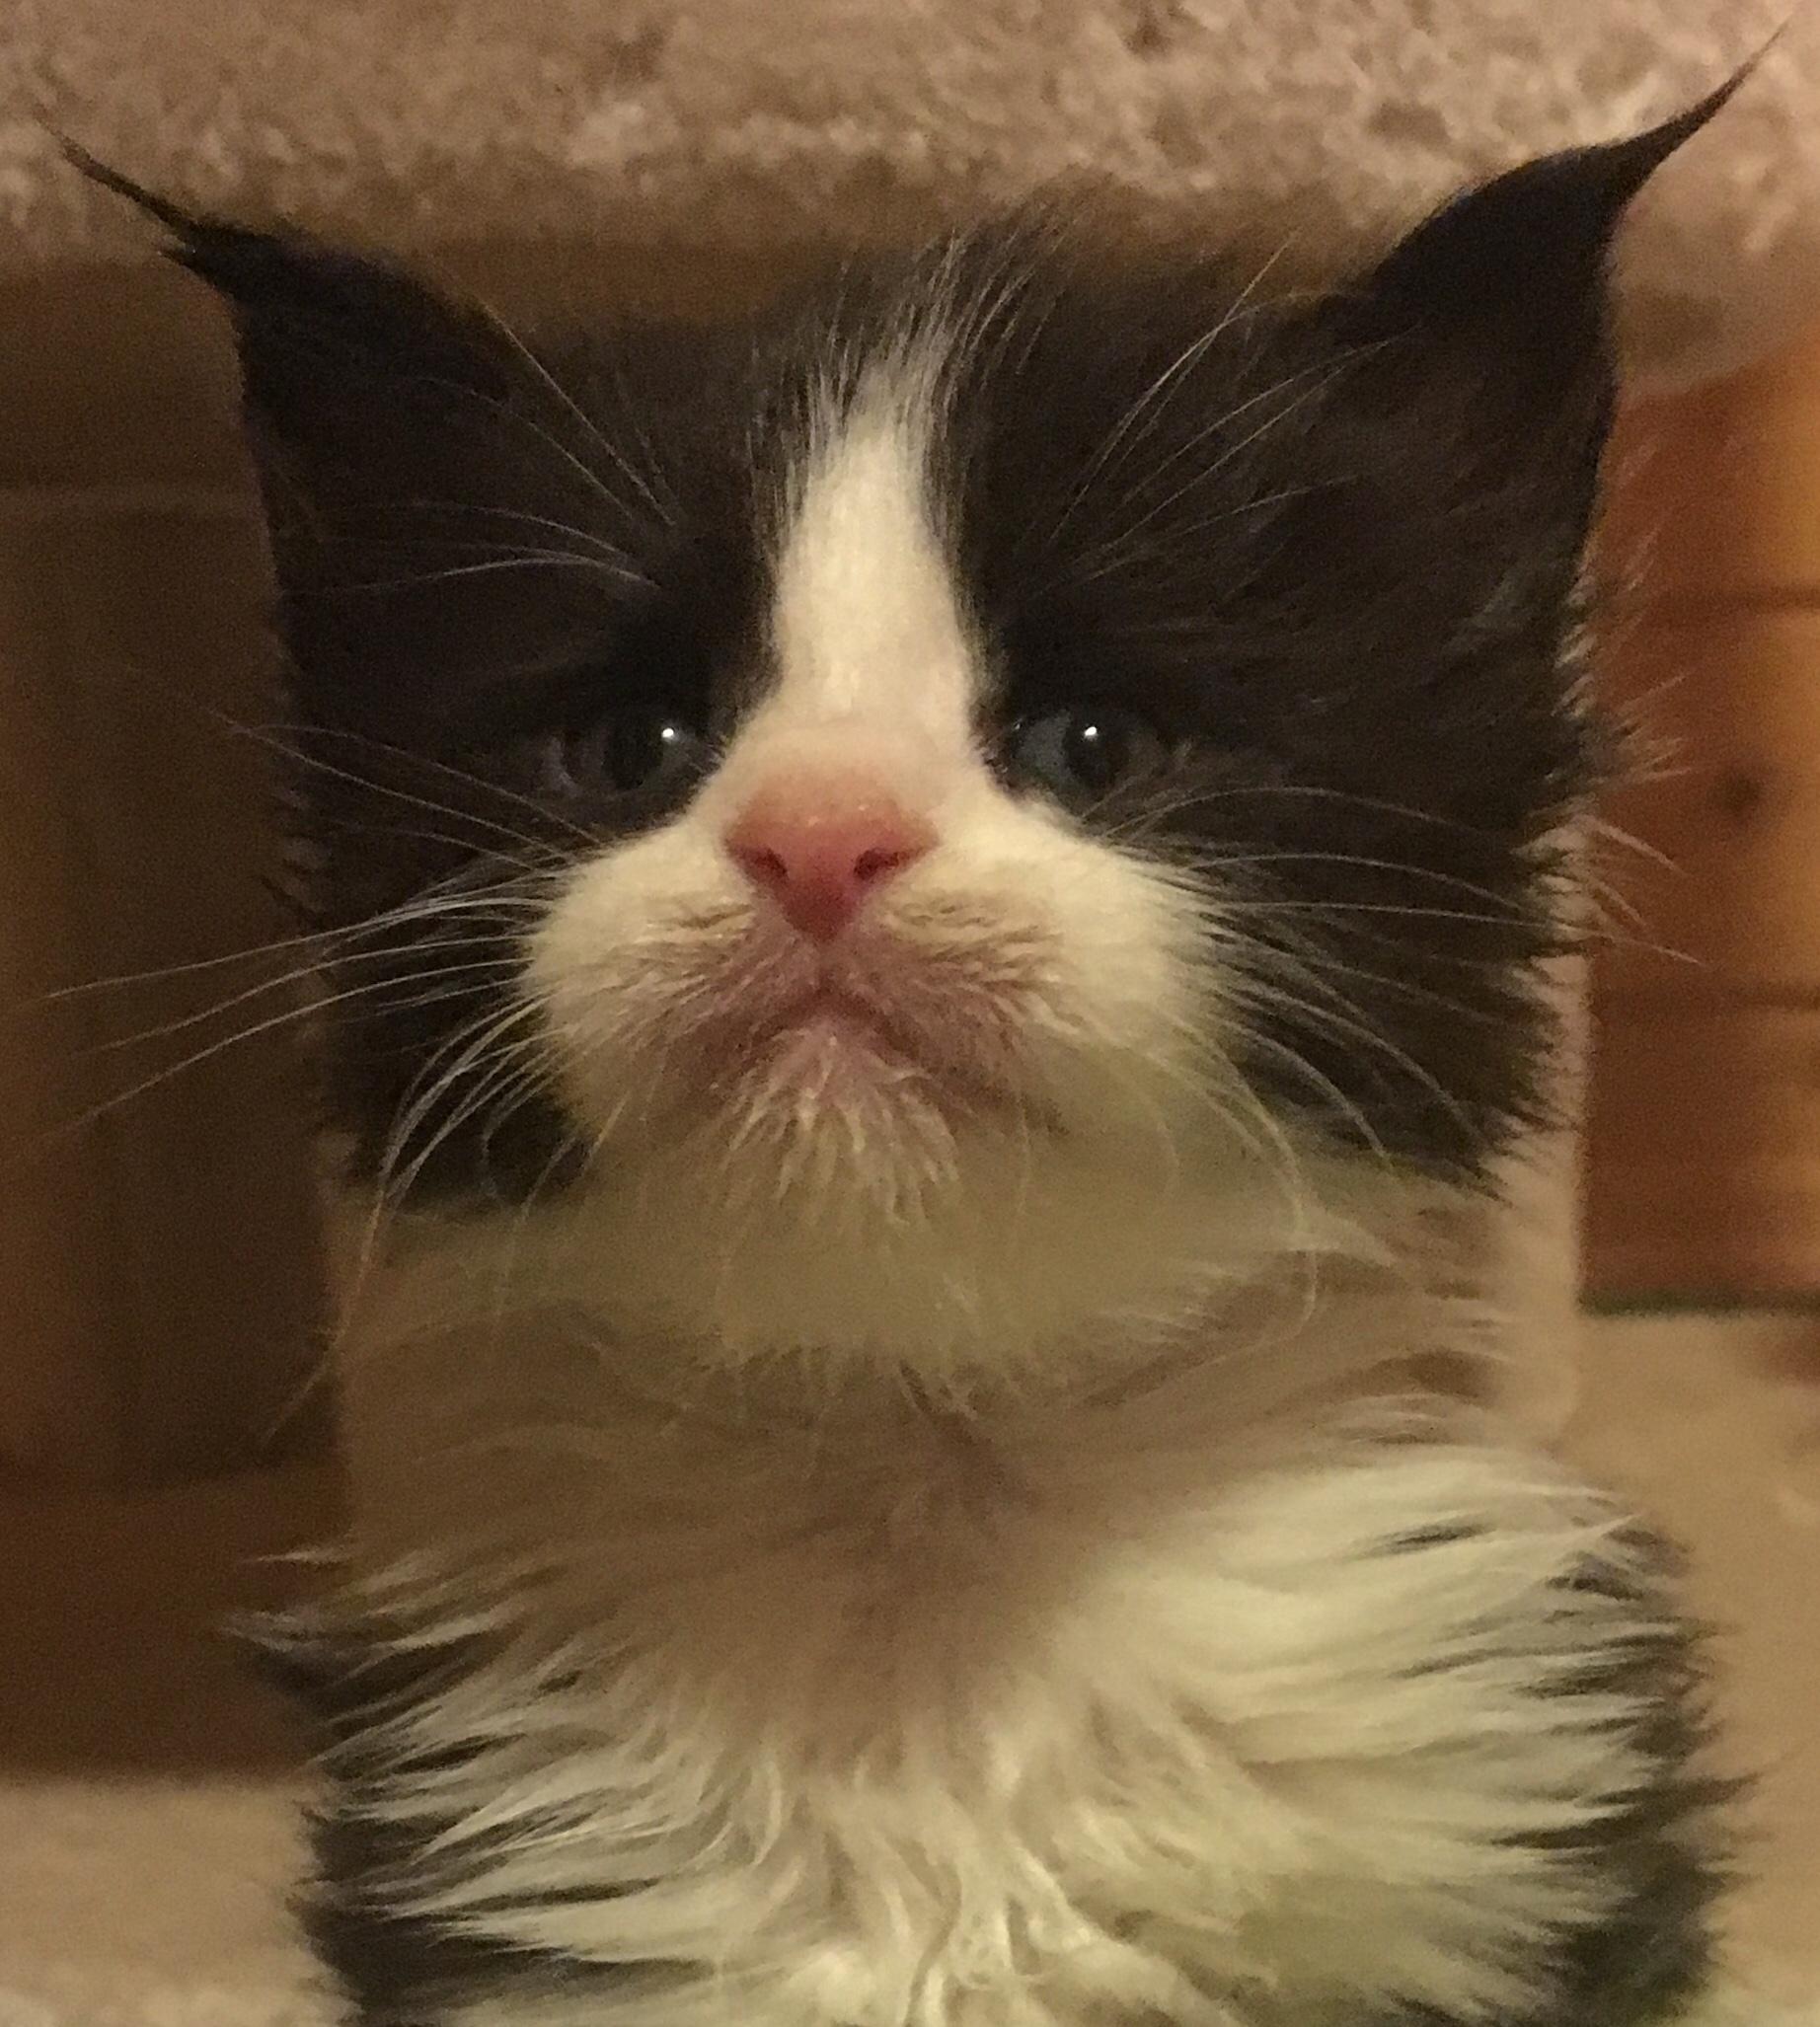 kočka 354VRH E     21.11.2017